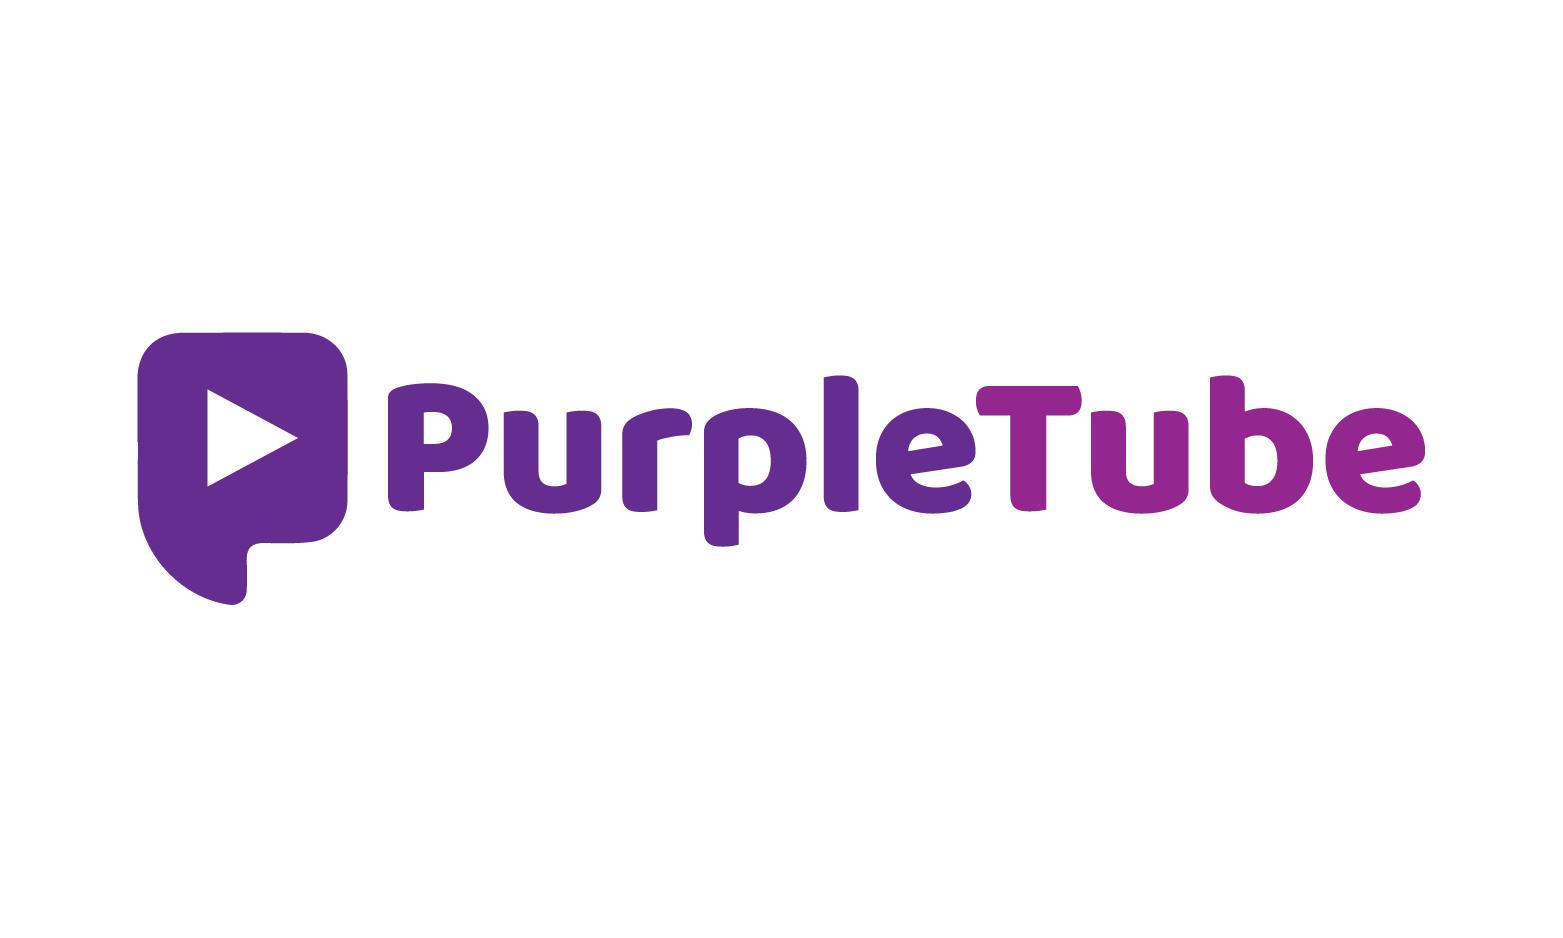 PurpleTube.com